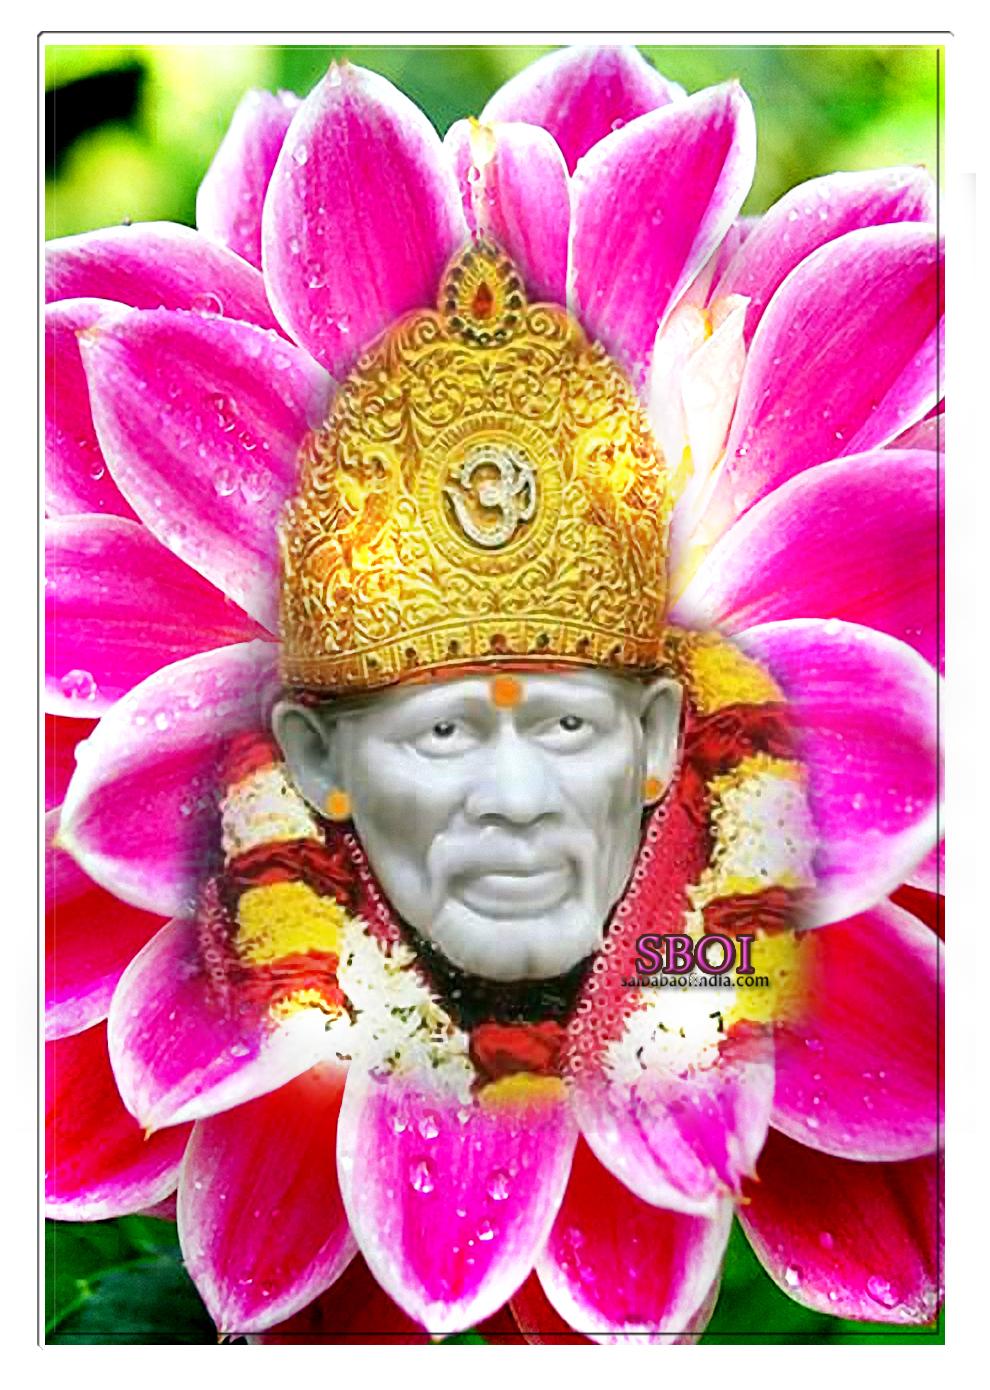 Shri Sai Baba - Shirdi Home Page